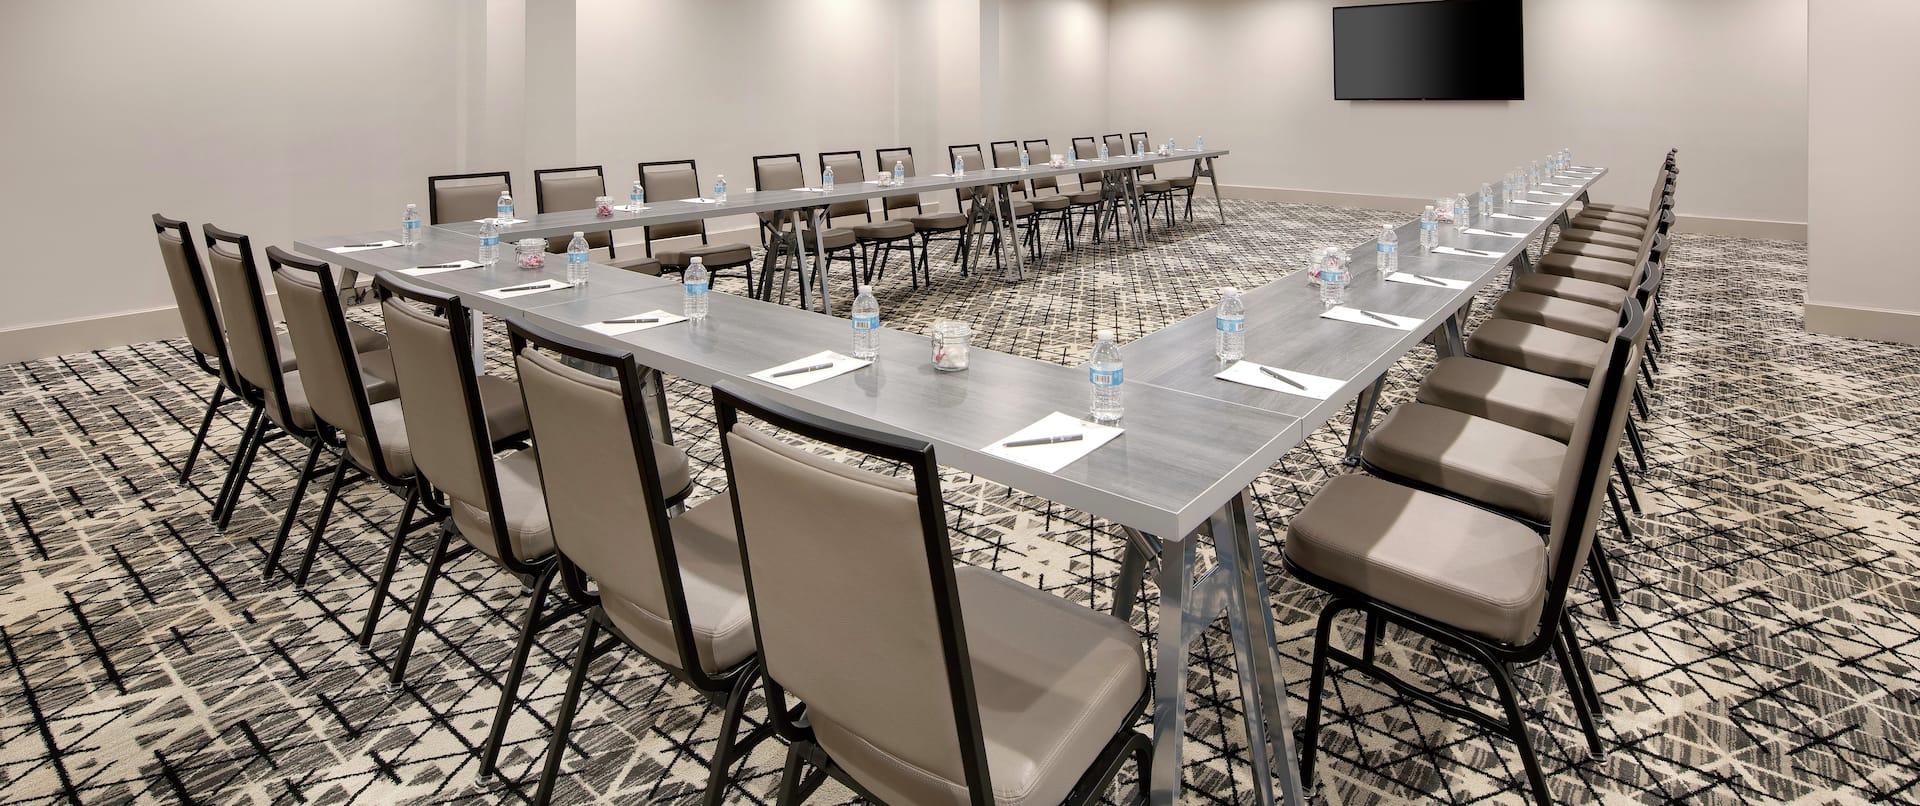 Meeting room in U-shape layout